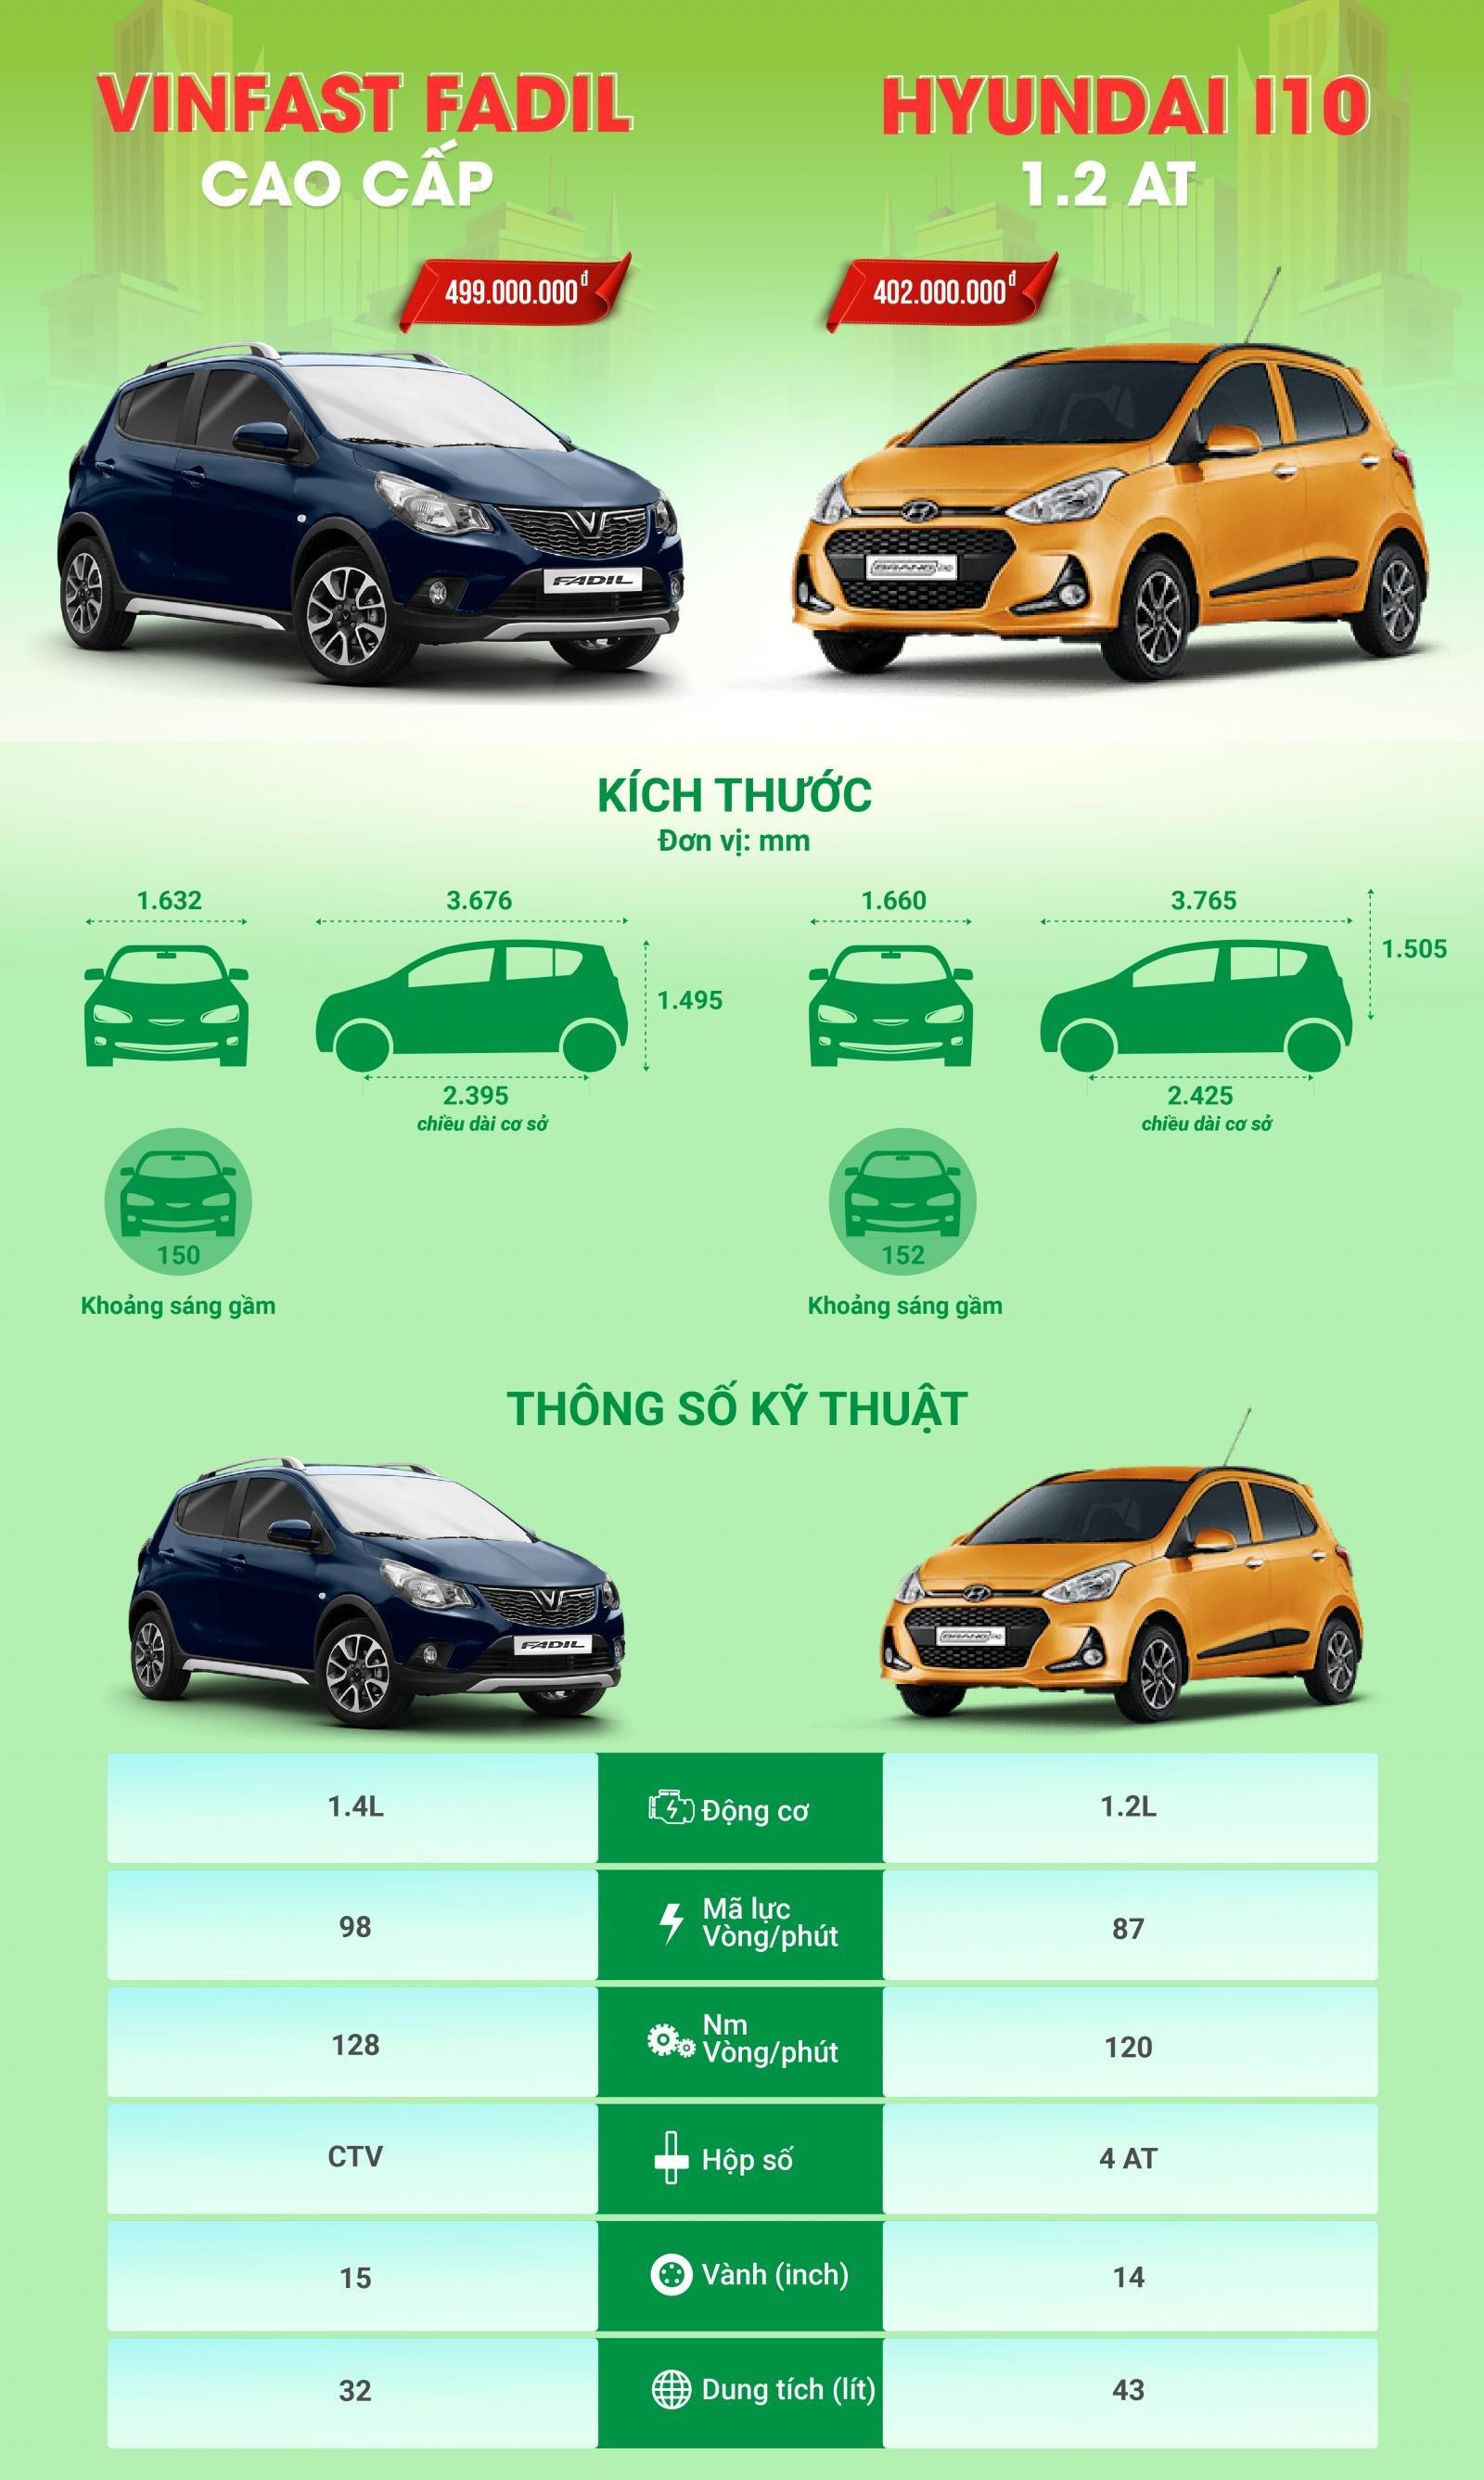 Hyundai i10 và VinFast Fadil: Đâu mới là lựa chọn hàng đầu trong phân khúc xe đô thị cỡ nhỏ?